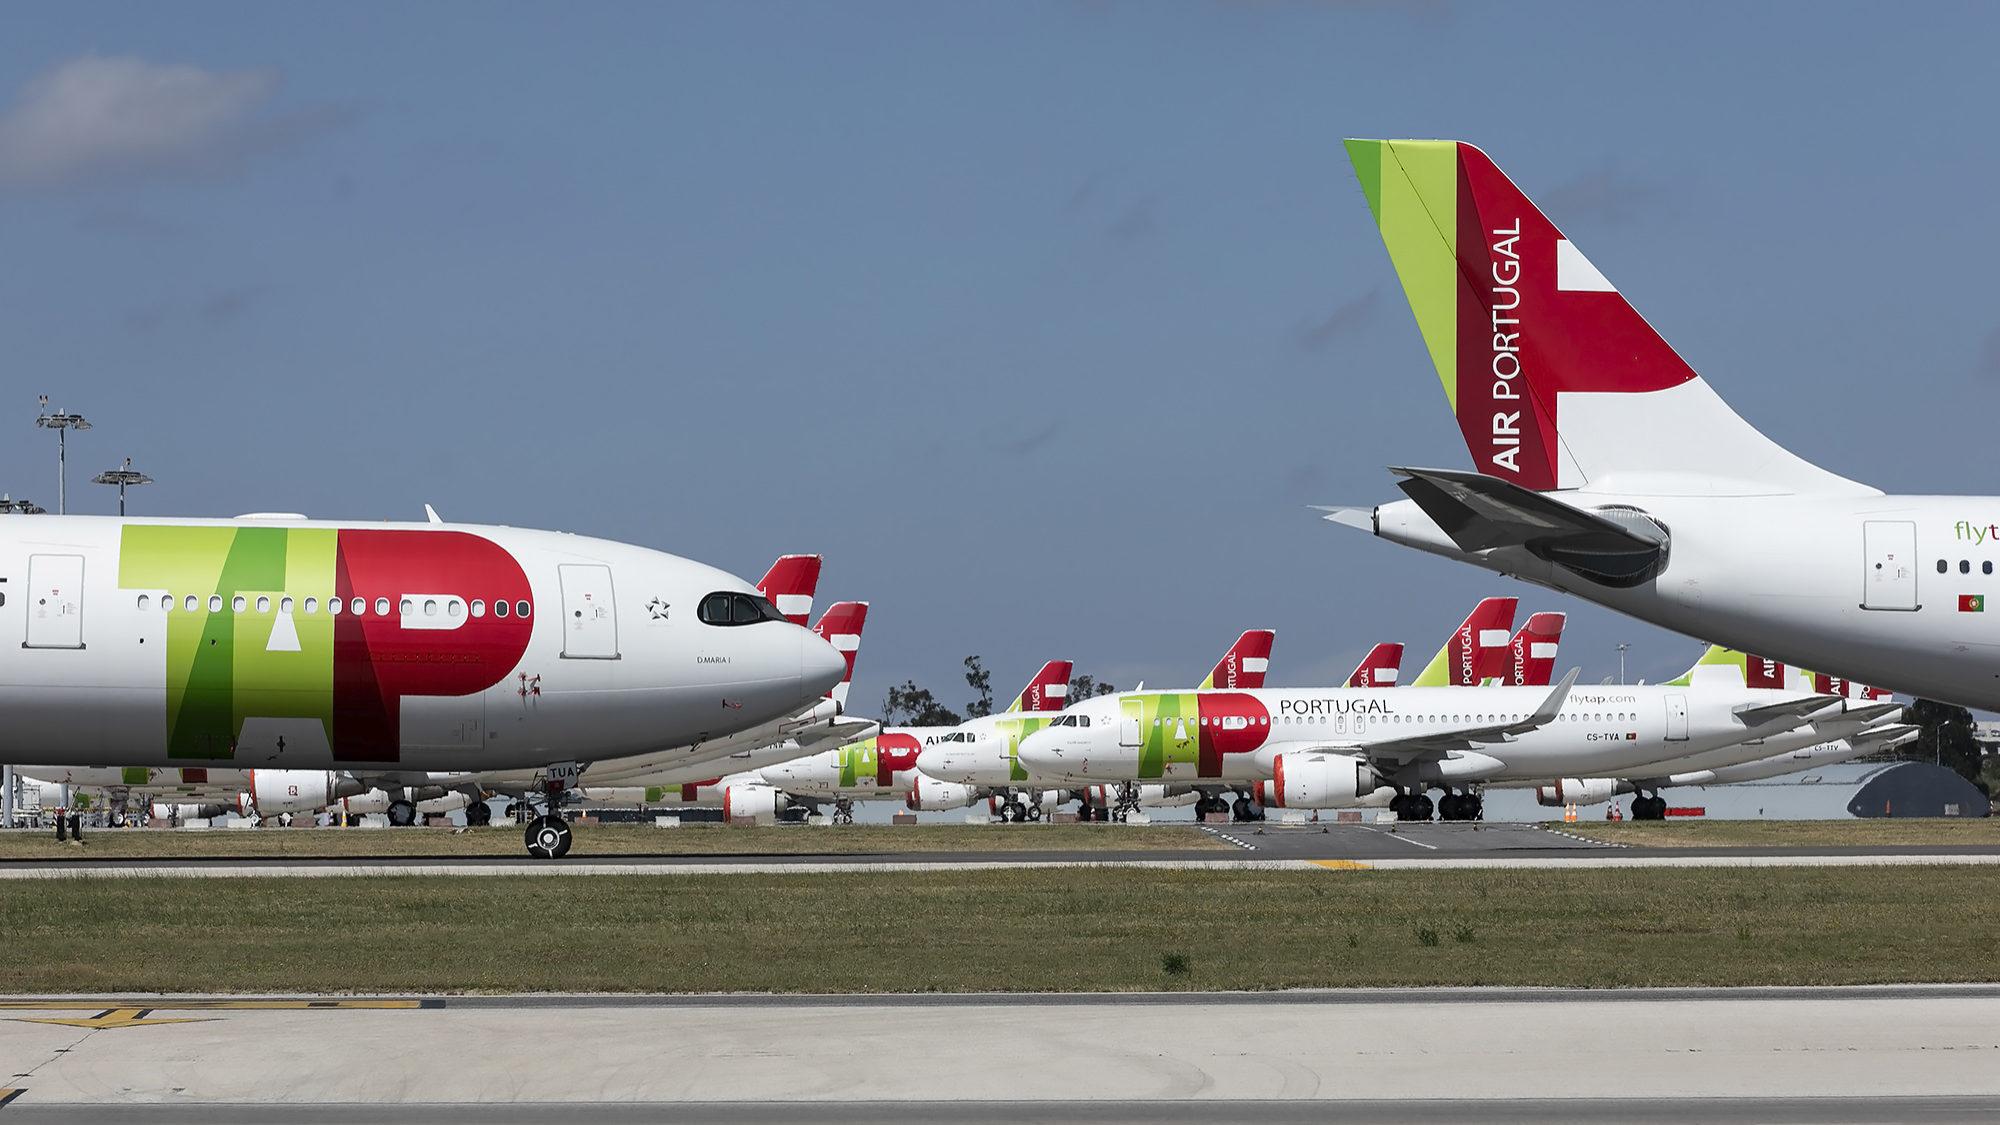 Aeroporto Humberto Delgado - 05JUN20